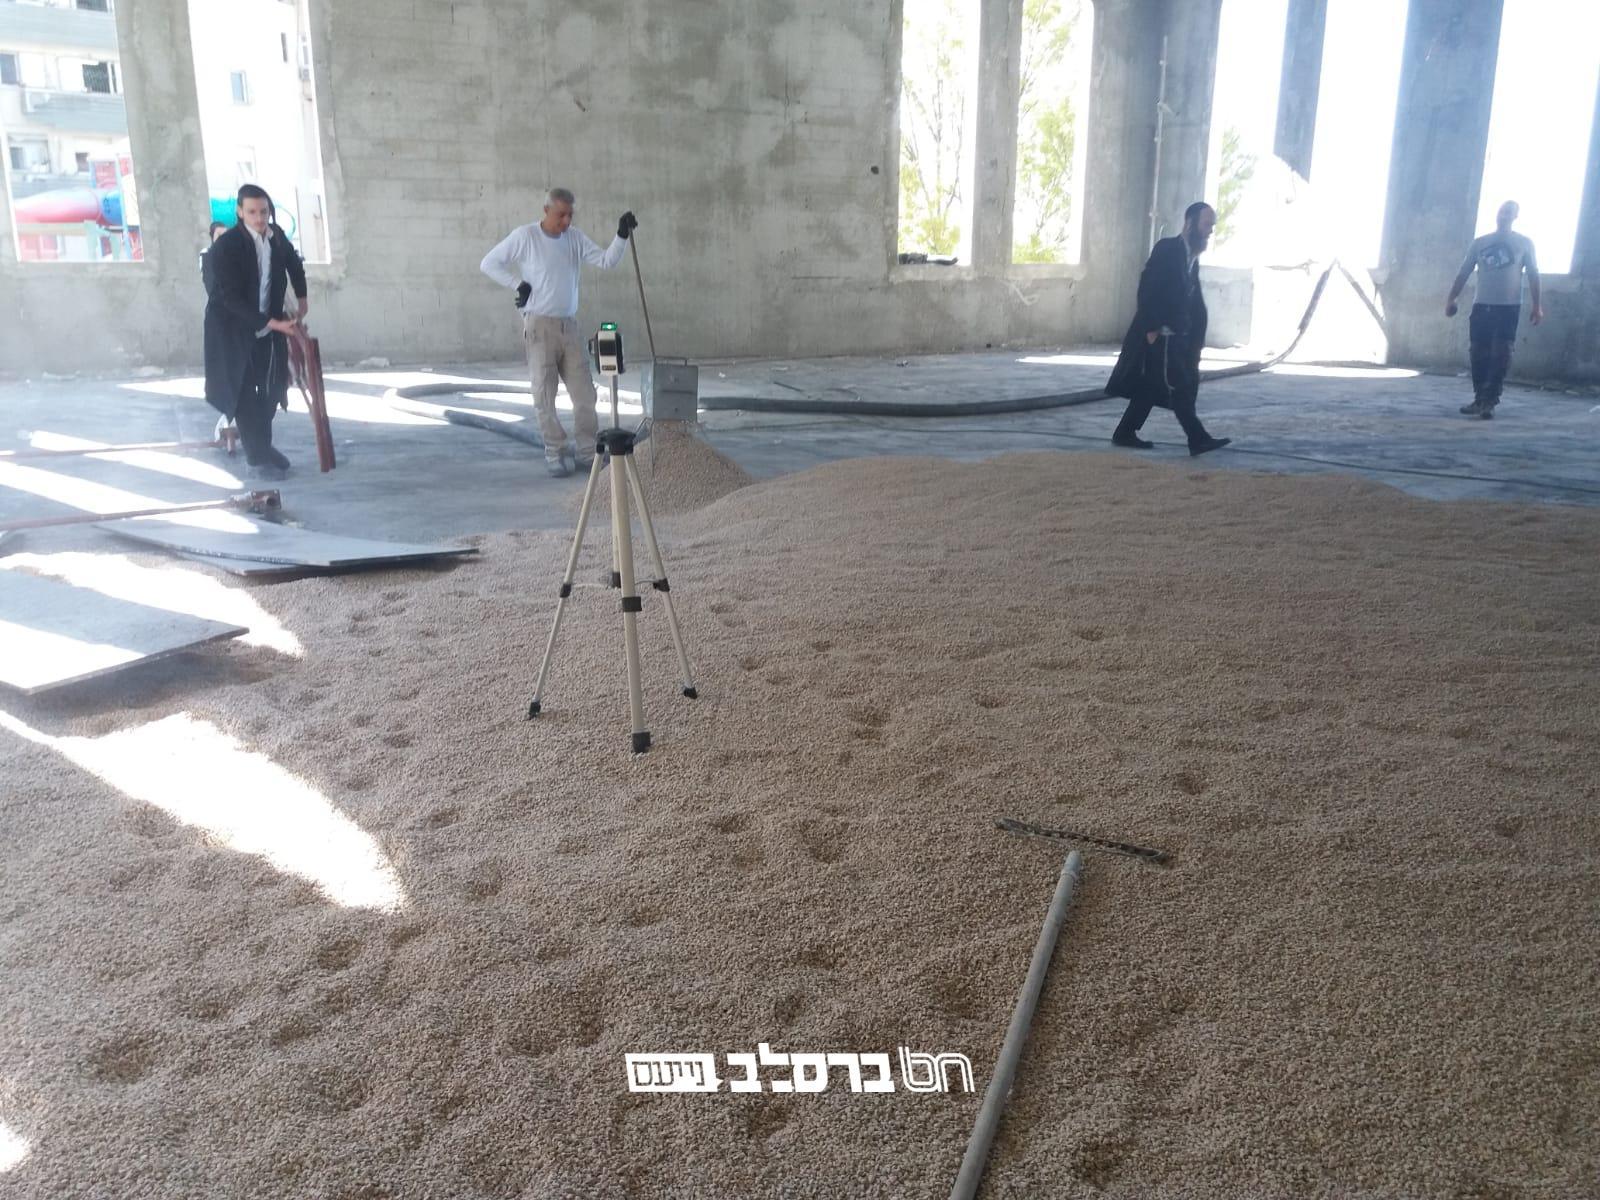 """צפת: החלו בריצוף הקומה החדשה של ביה""""כ ברסלב 'פאר הנצח' בצפת"""